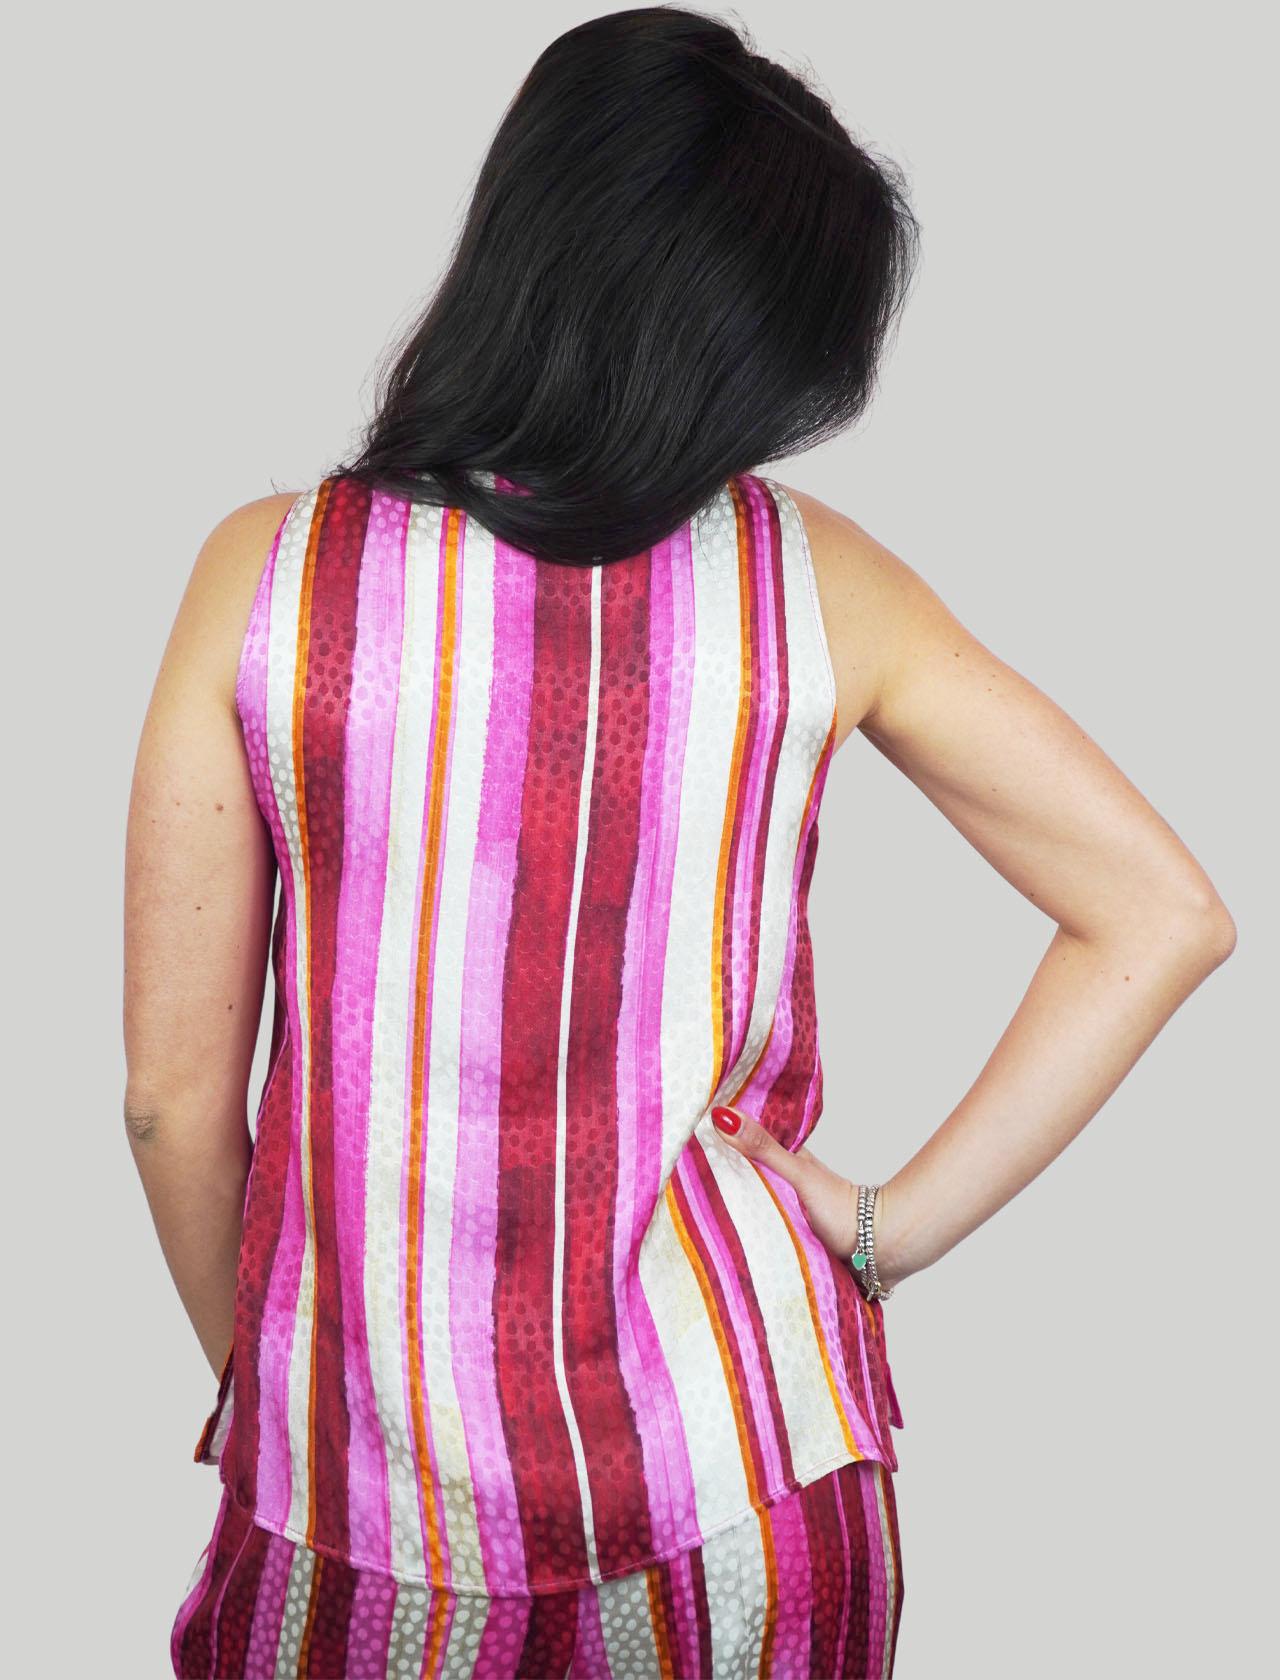 Abbigliamento Donna Top Stripes Jacquard In Rosa e Rosso con Scollo a V Maliparmi | Camicie e Top | JP531850557B3223